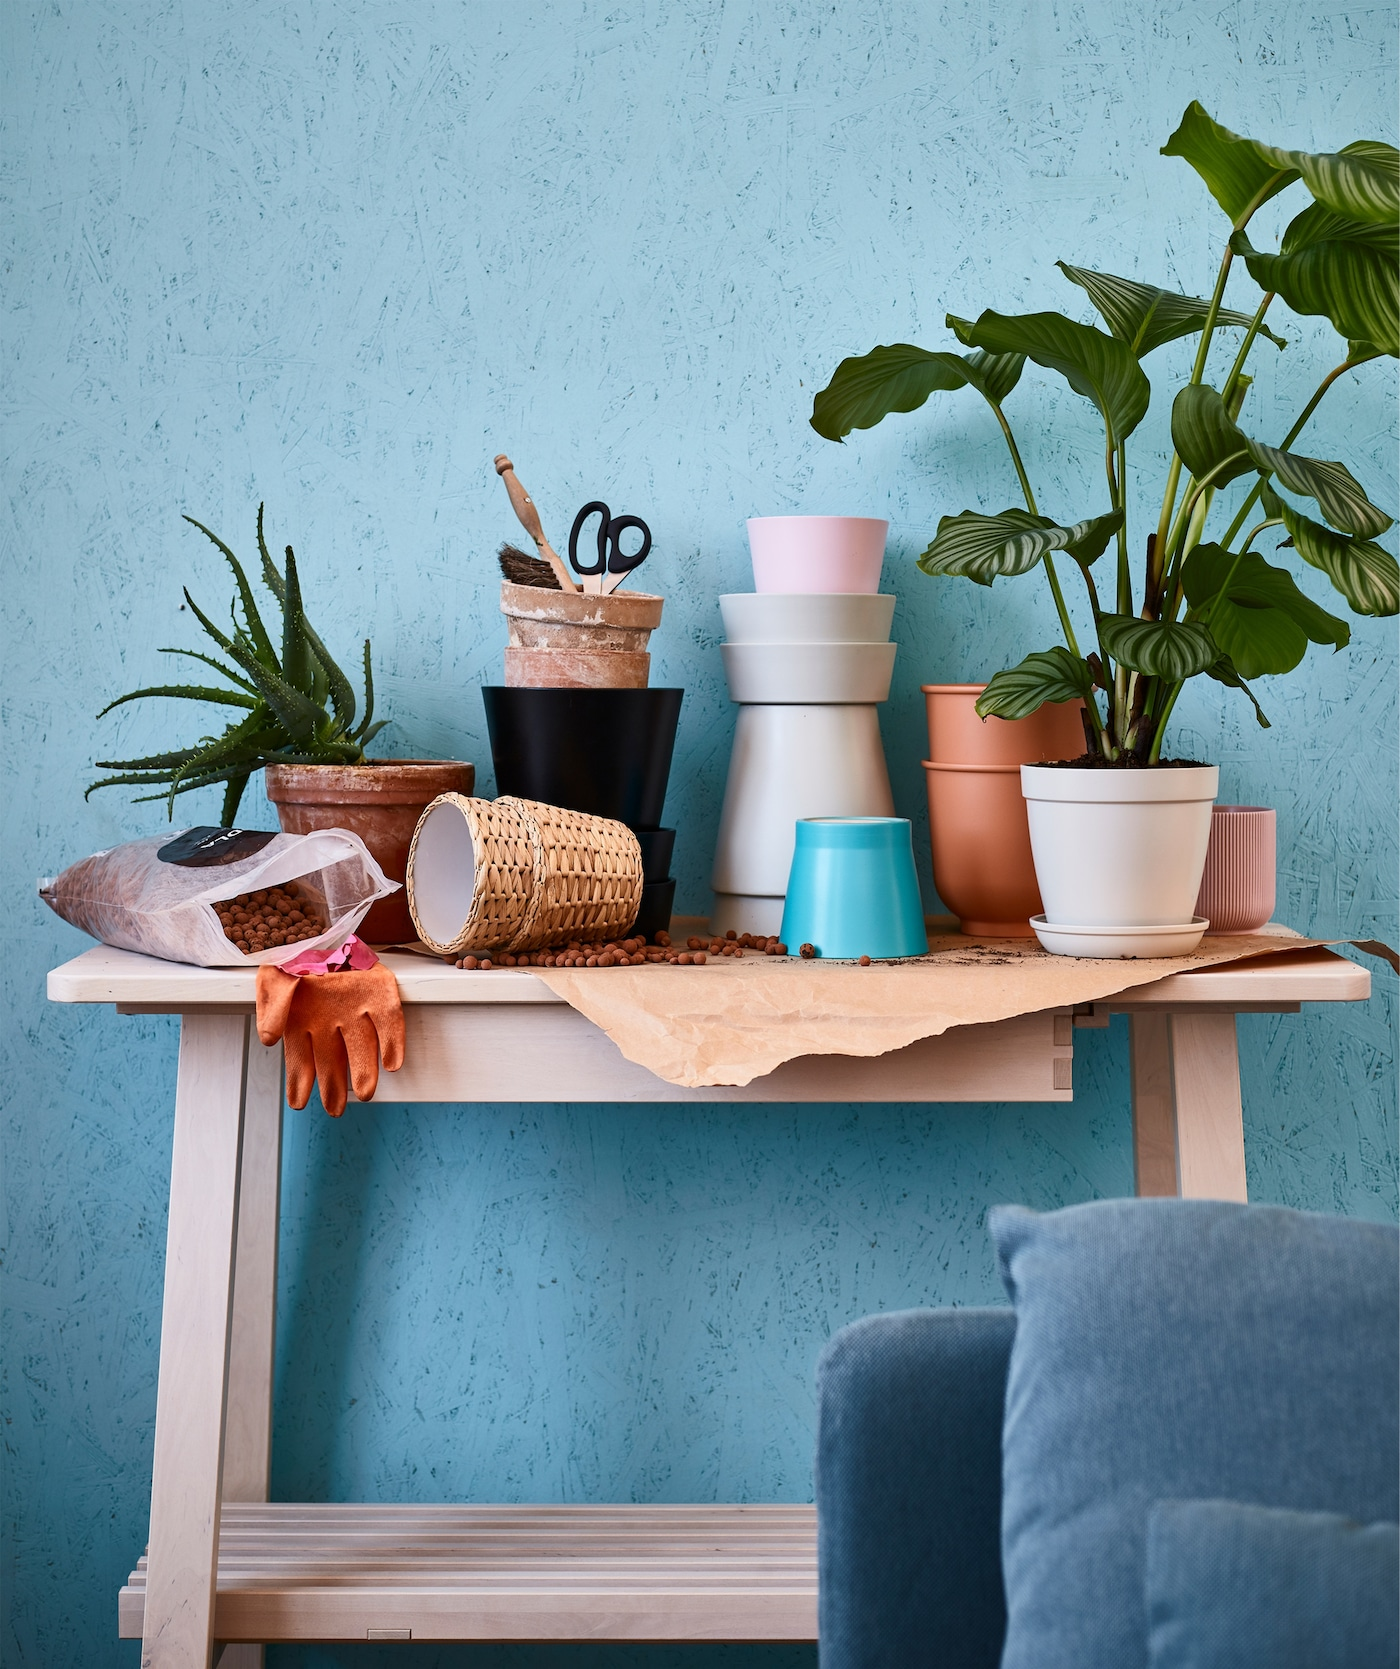 Cuidados para plantas interior Consejos y trucos IKEA